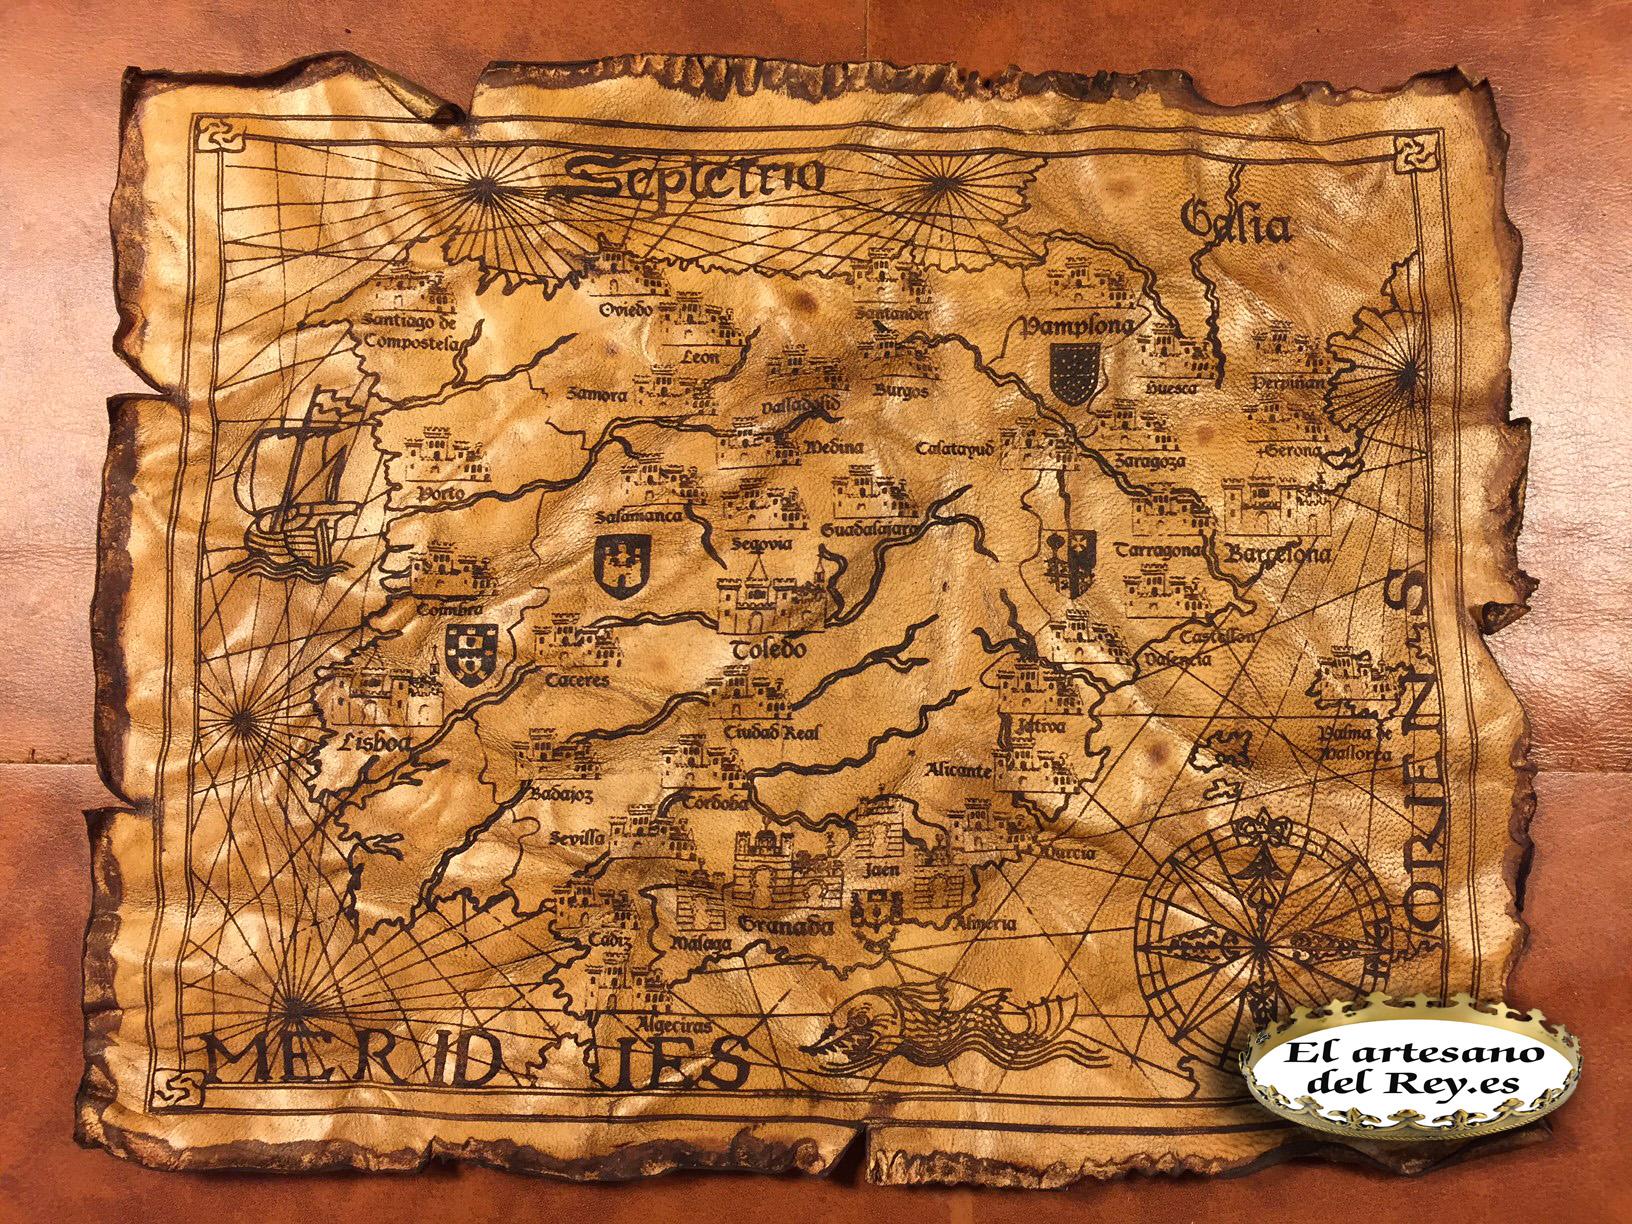 Mapa El artesano del rey